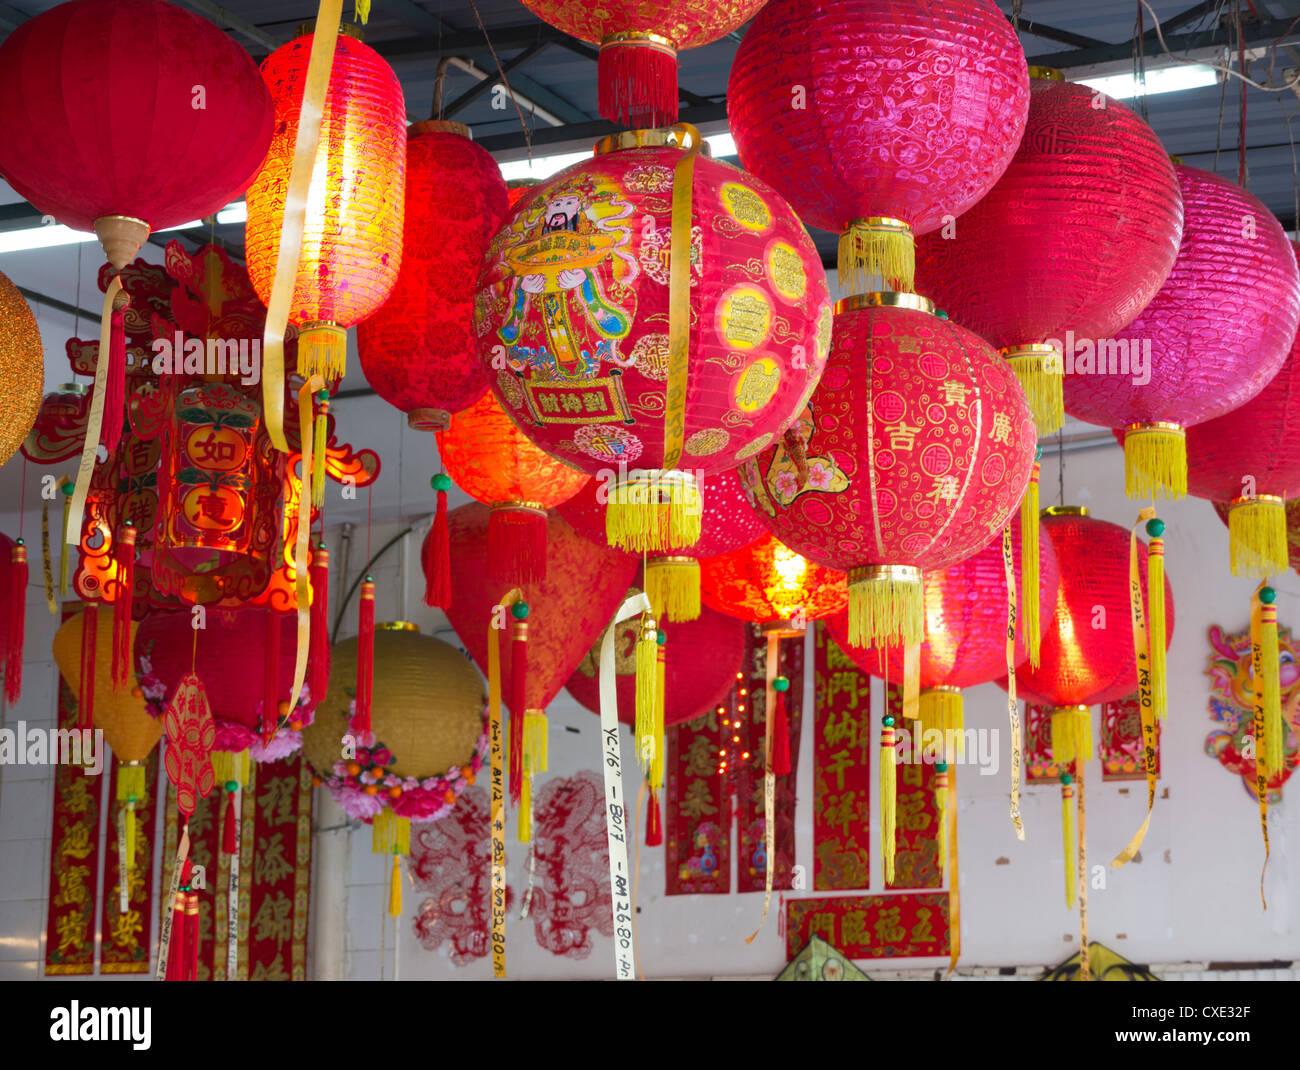 Lanternes chinoises, Chinatown, Singapour, Asie Photo Stock